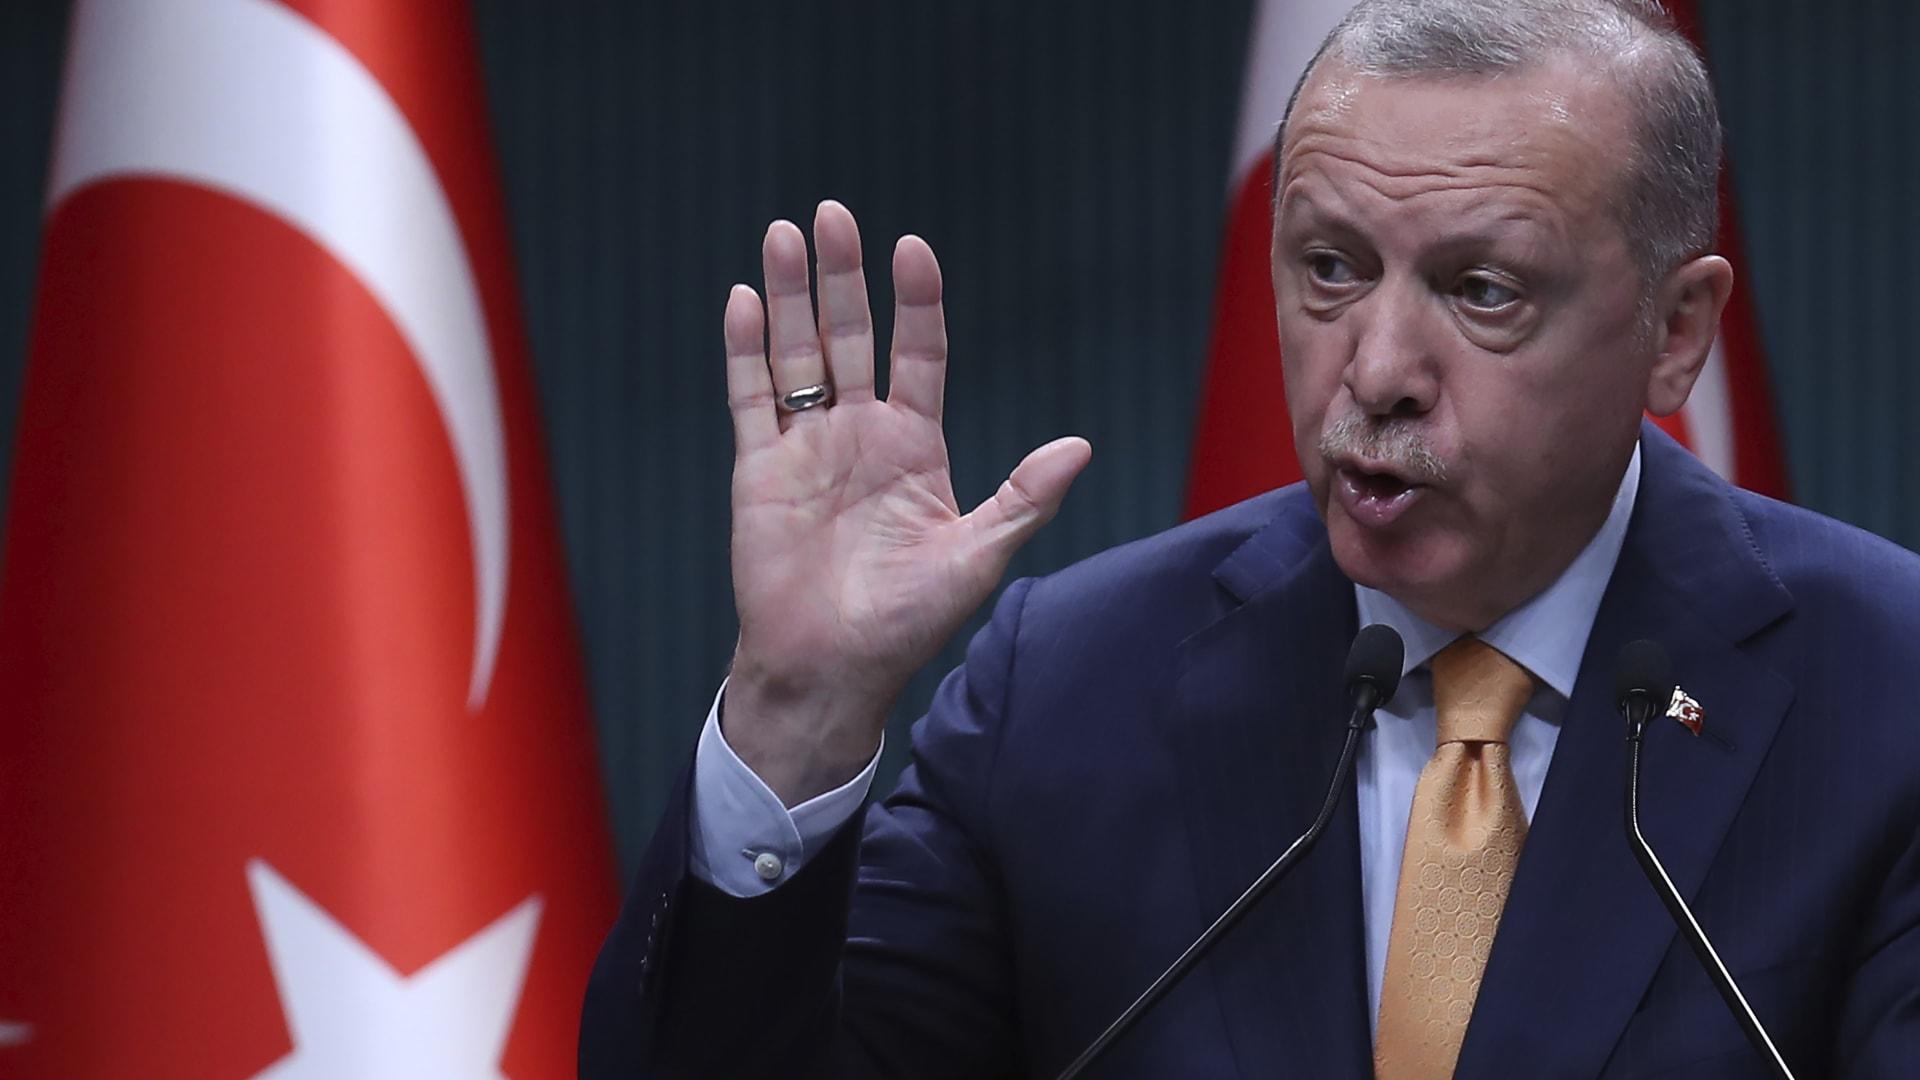 خلفان لـCNN: الإخوان لم يعلقوا على علاقات أردوغان بإسرائيل.. والسواد الأعظم بشعب الإمارات مؤيد